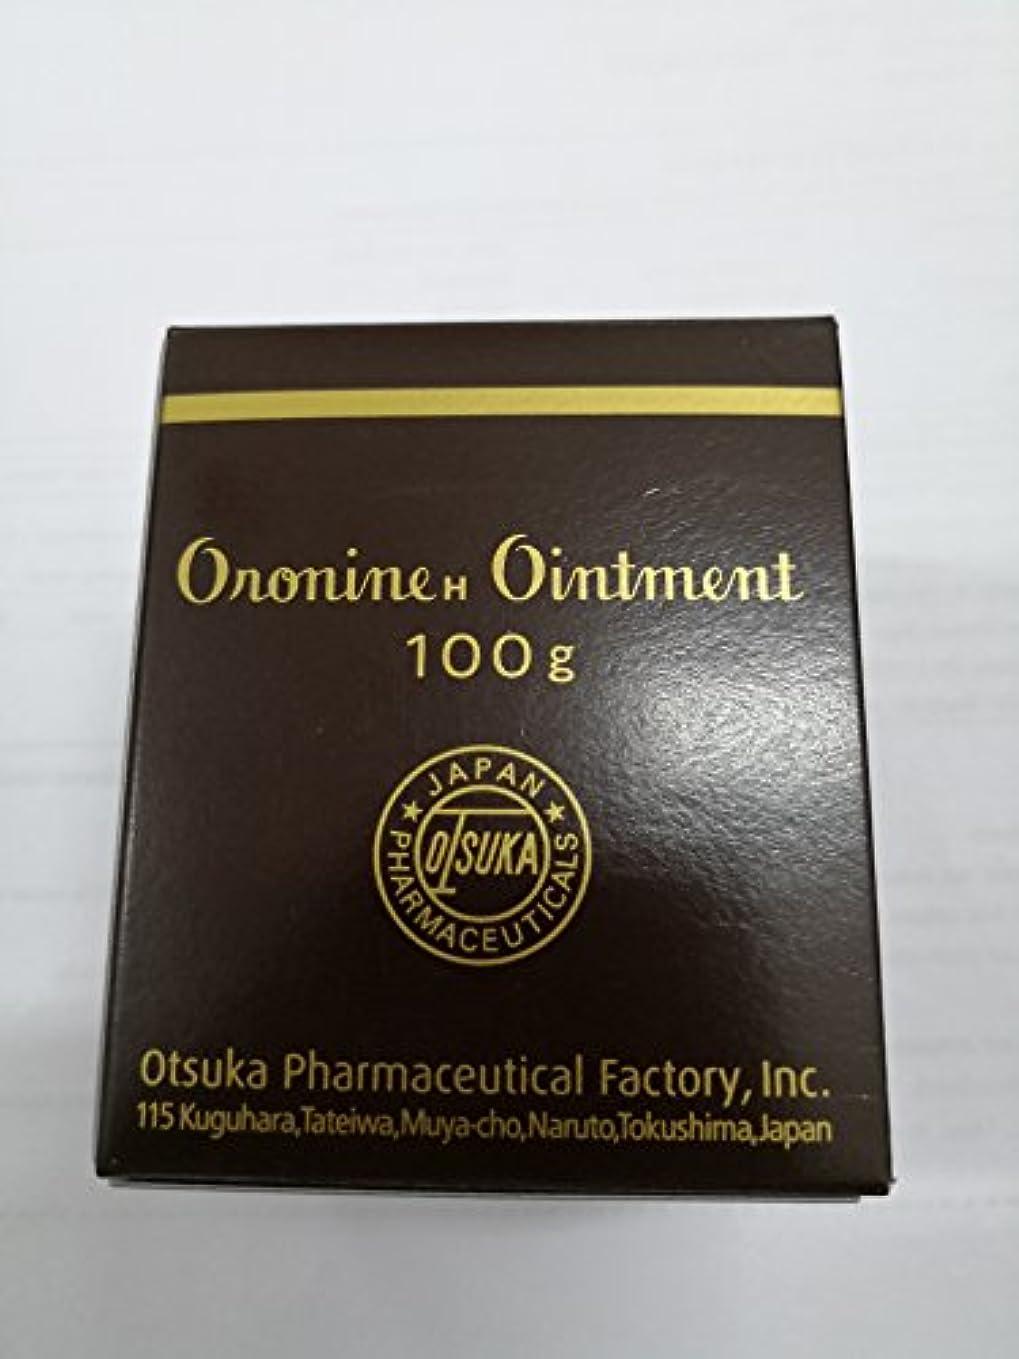 流産タンザニア連隊Otsuka Oronine オロニンh軟膏(スキンクレンザー&モイスチャライザー) - 大3.5オンス